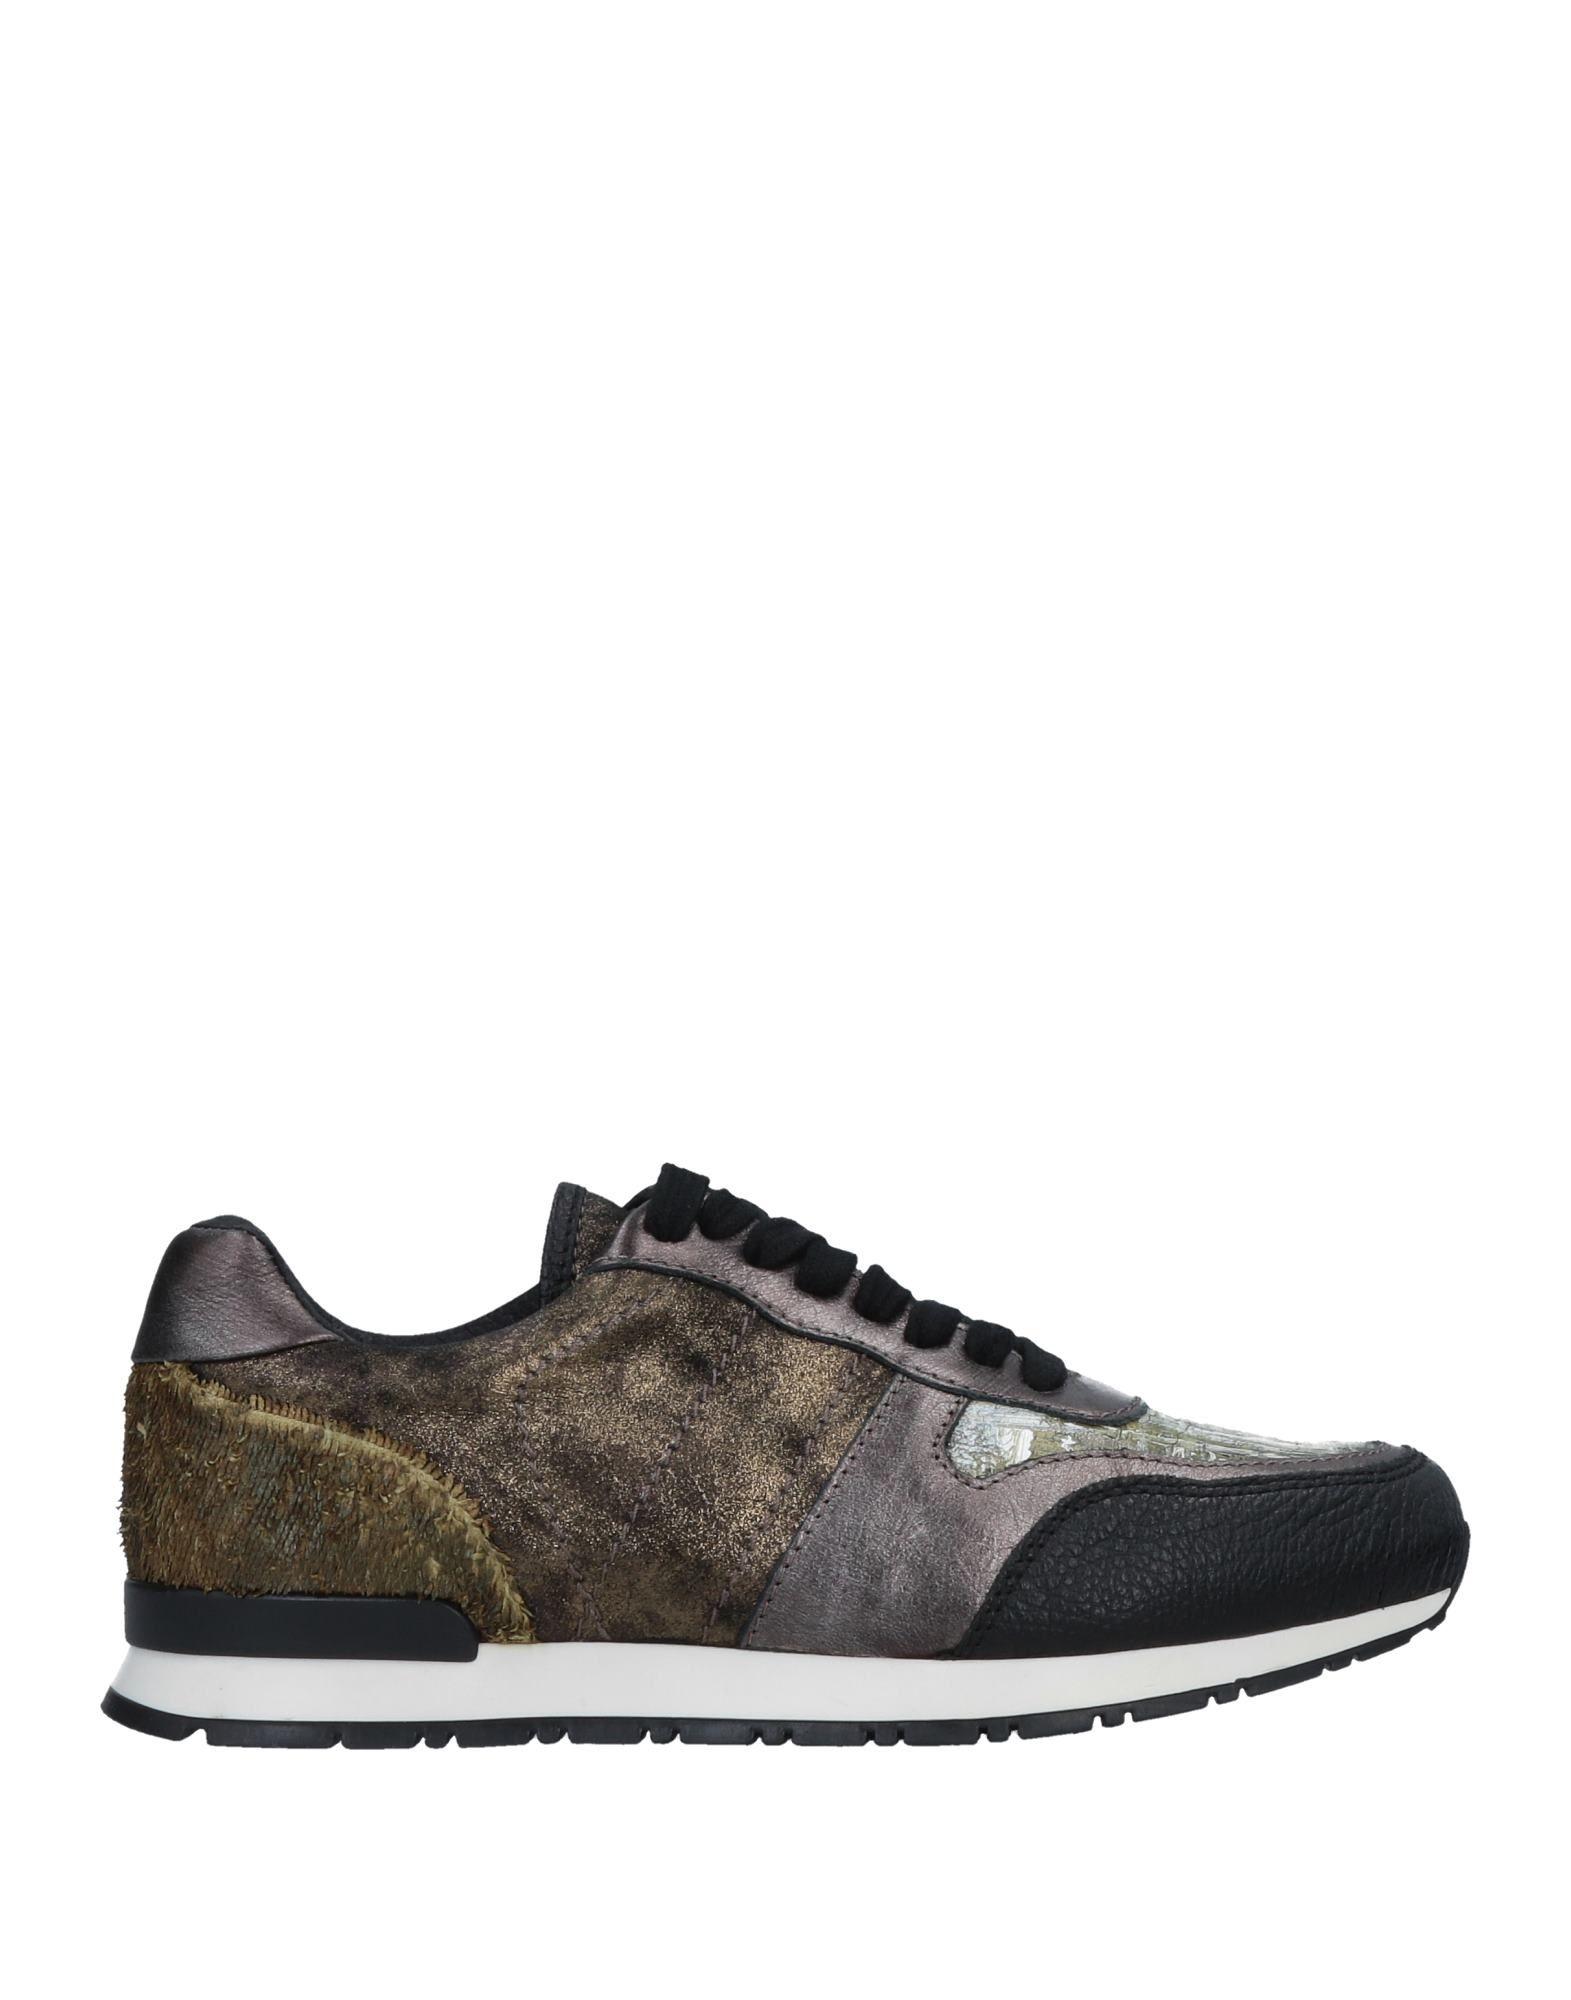 Moda Sneakers Stokton Donna - 11505332DK